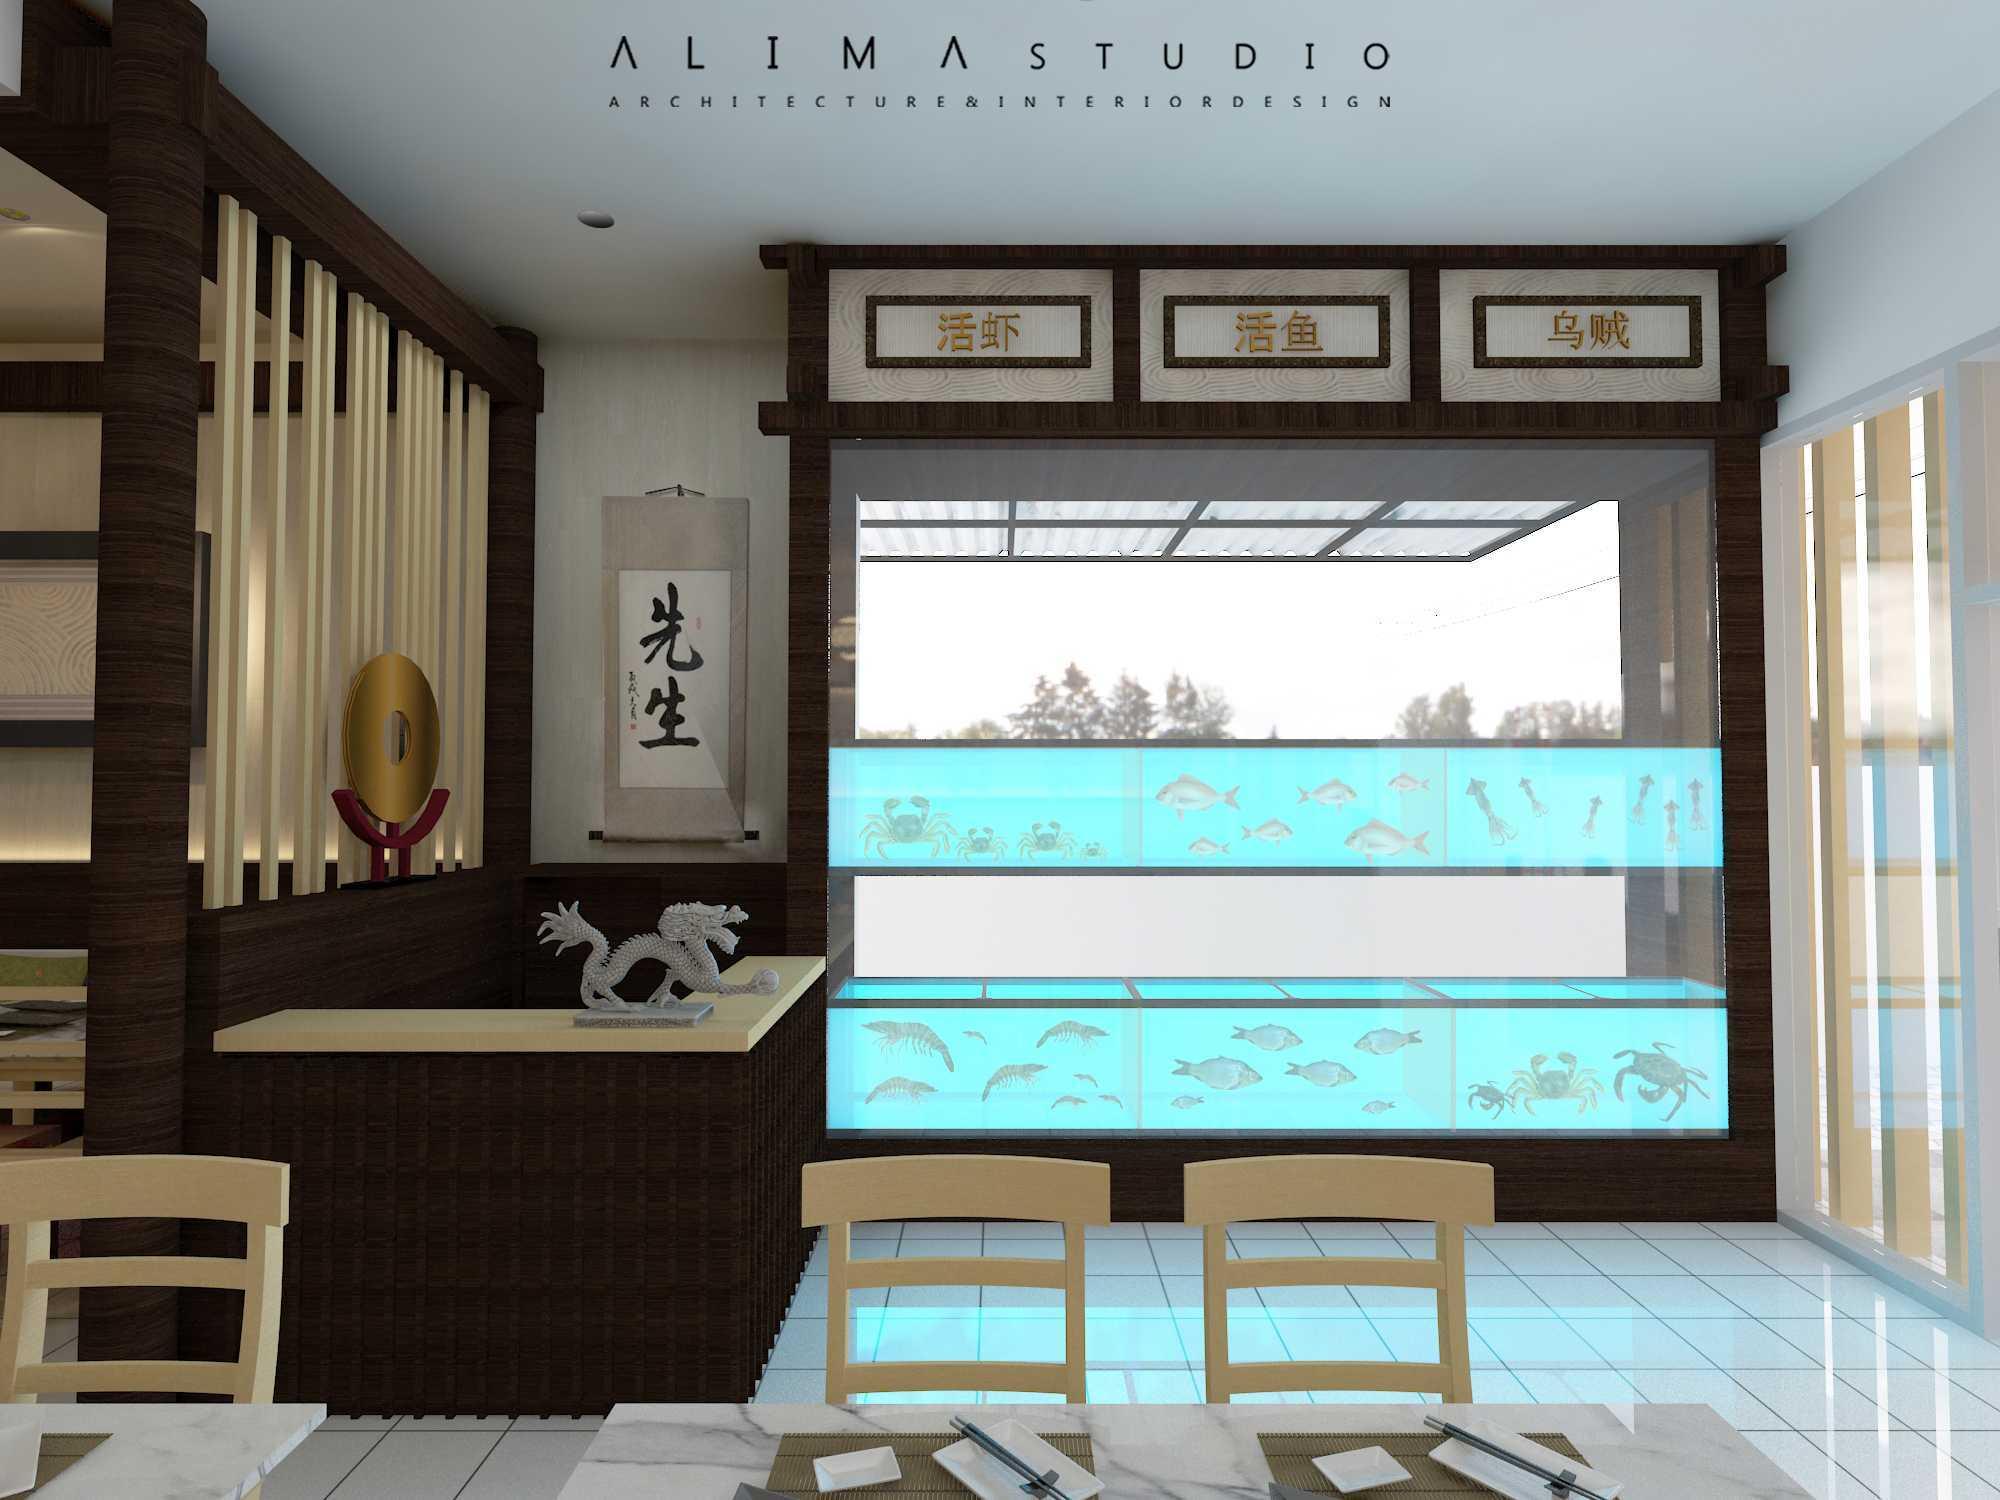 Foto inspirasi ide desain restoran asian Alima-studio-uncle-chong-restaurant oleh Alima Studio di Arsitag